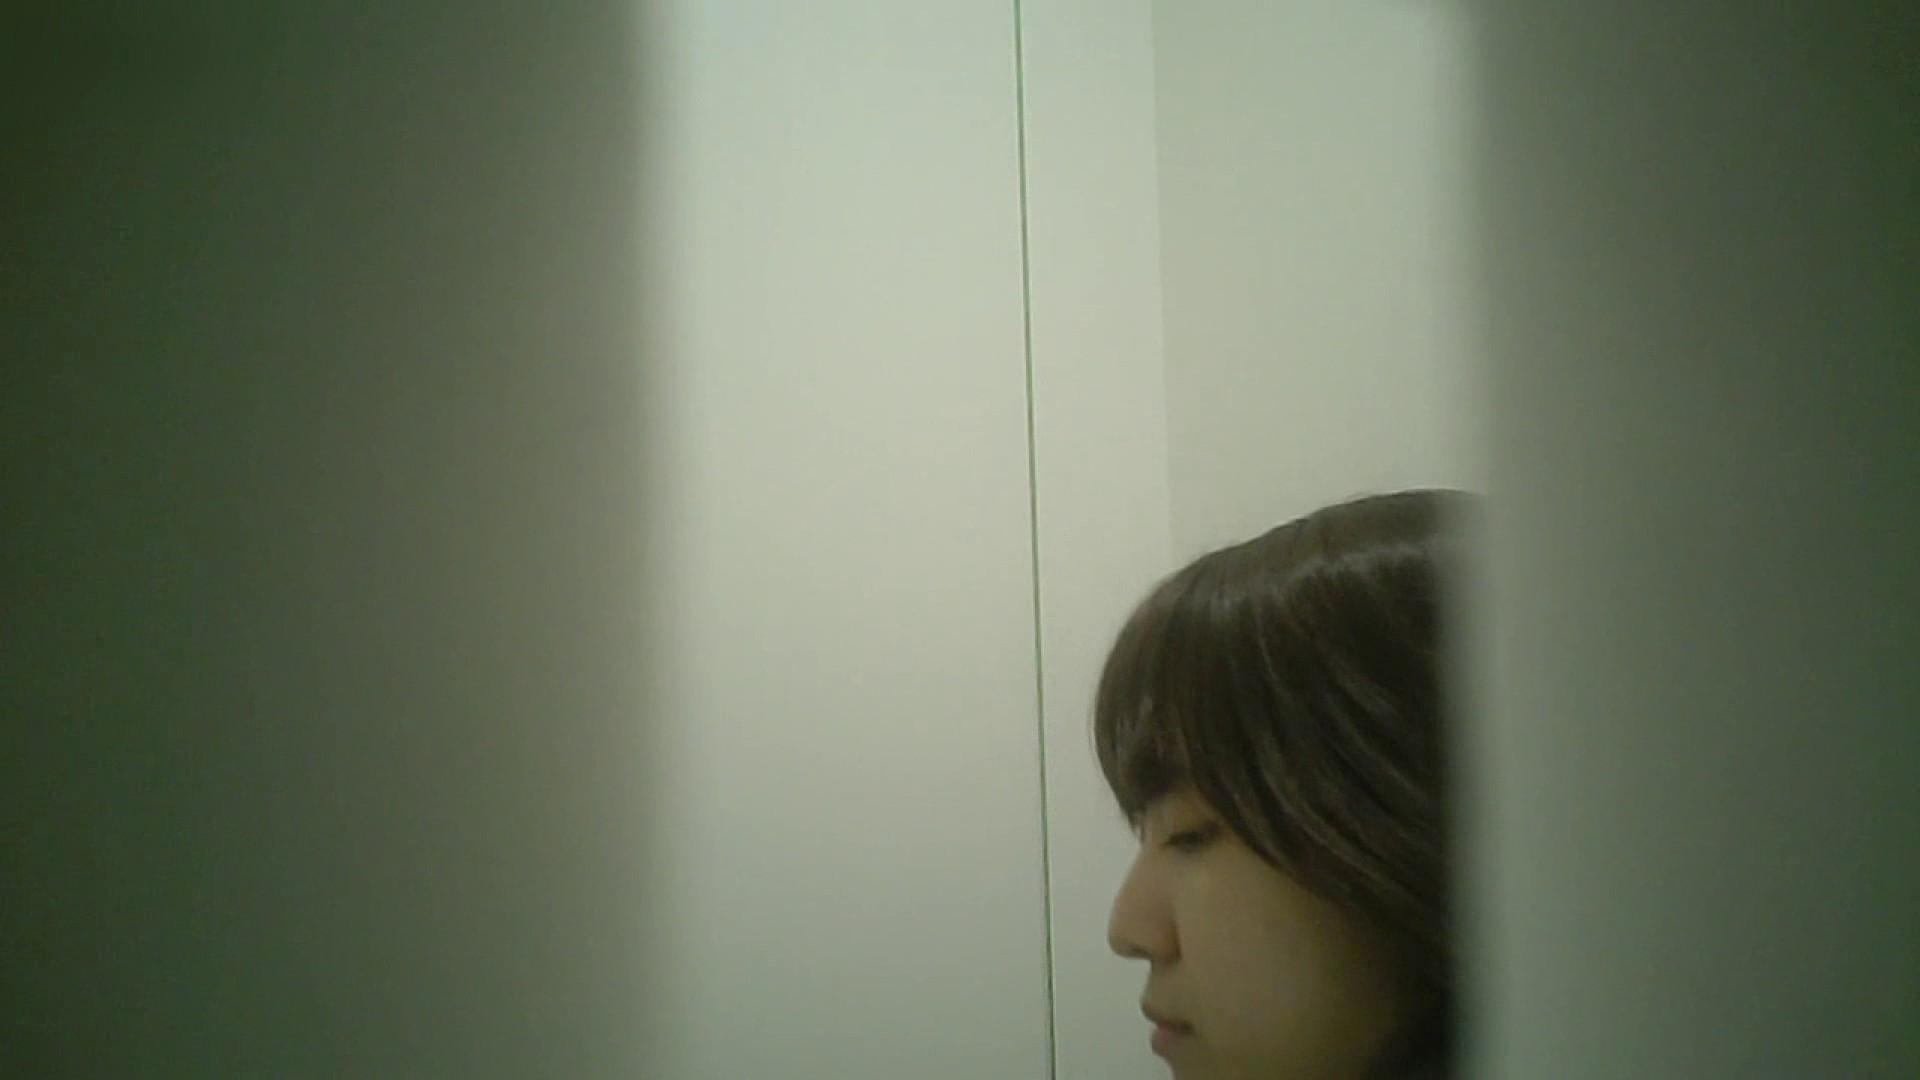 有名大学女性洗面所 vol.40 ??おまじない的な動きをする子がいます。 和式トイレ 盗み撮り動画キャプチャ 81pic 59